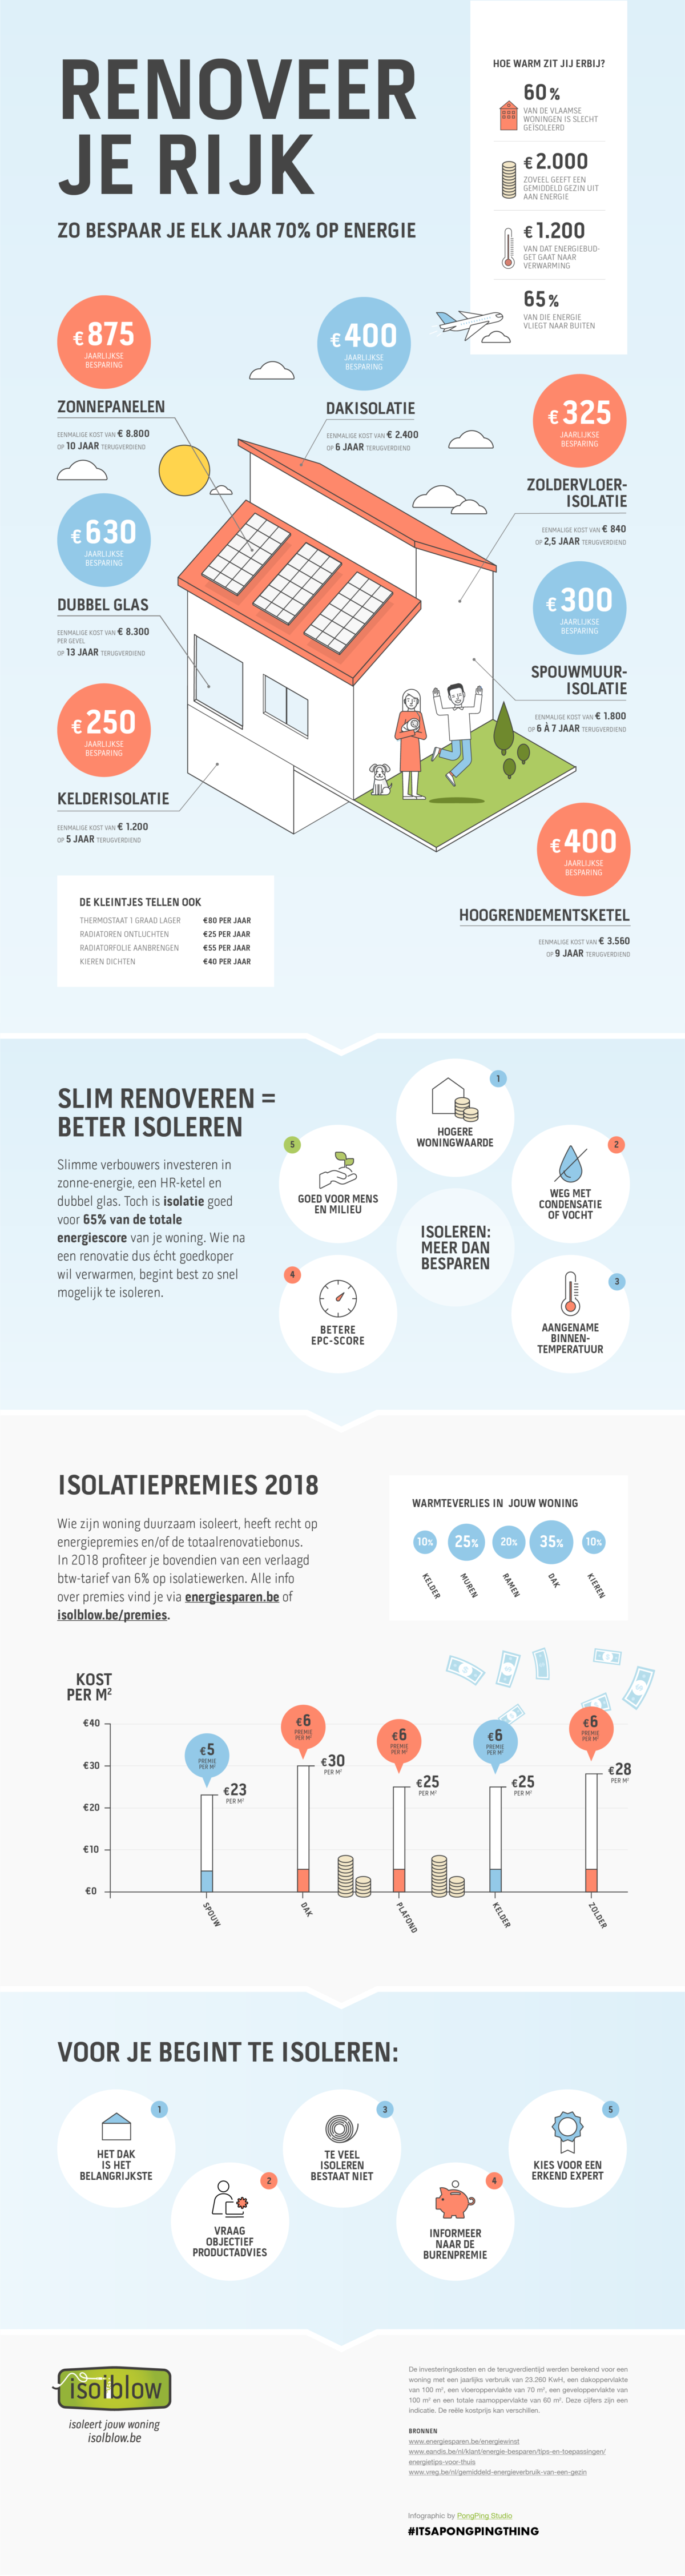 Isolblow Infographic Energiebesparen